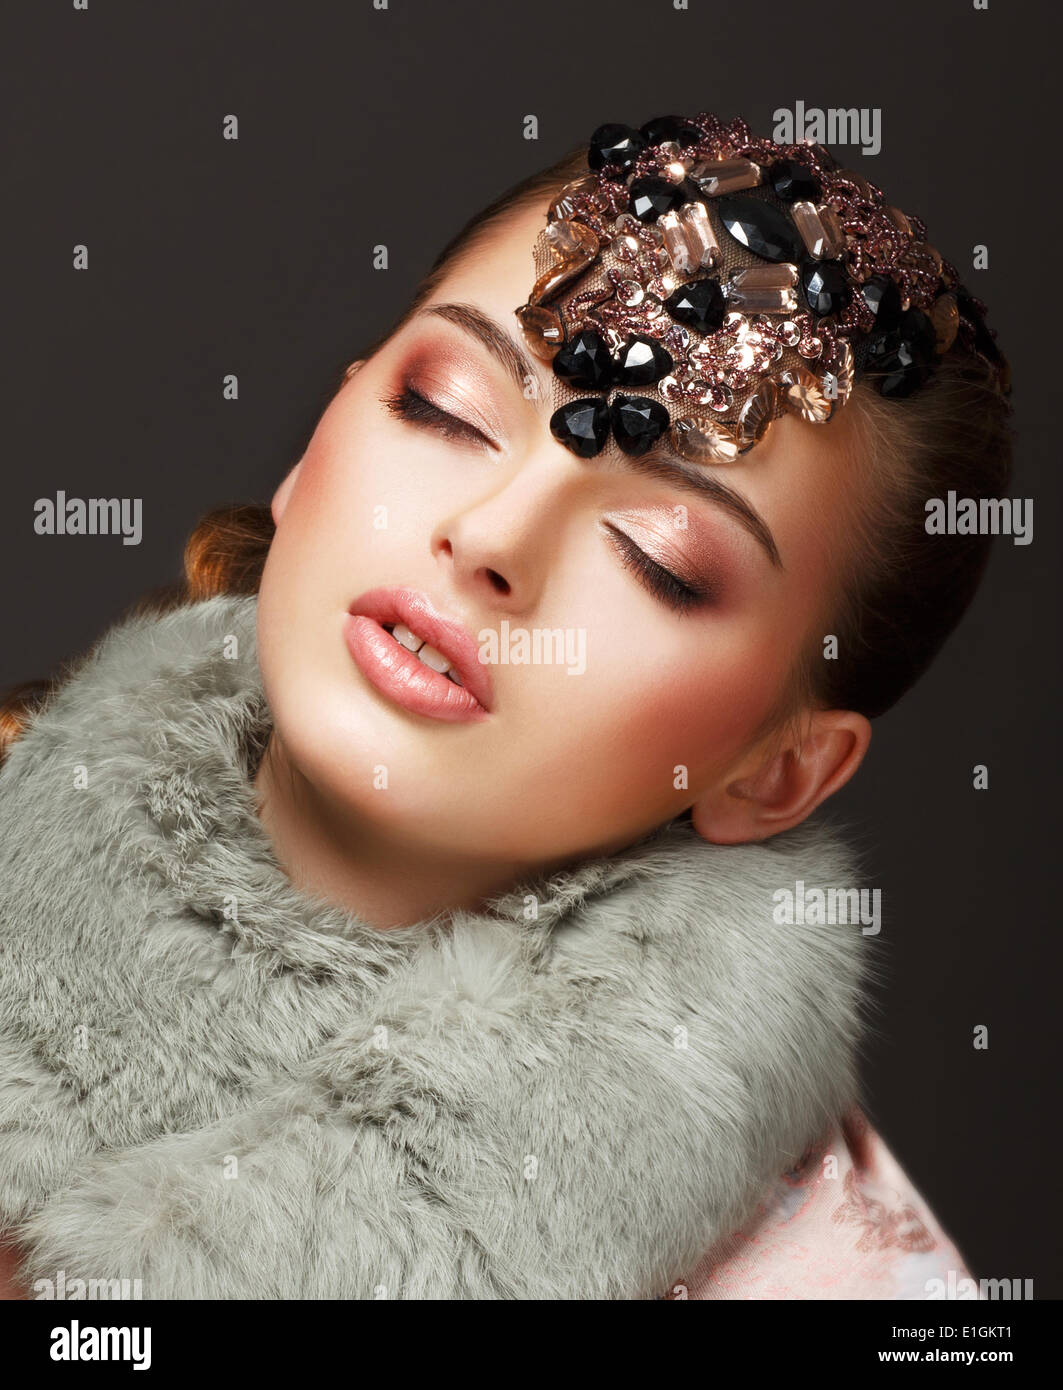 La passione. Glamour donna sognante nel mantello di pelliccia e gioielli. Il lusso Immagini Stock